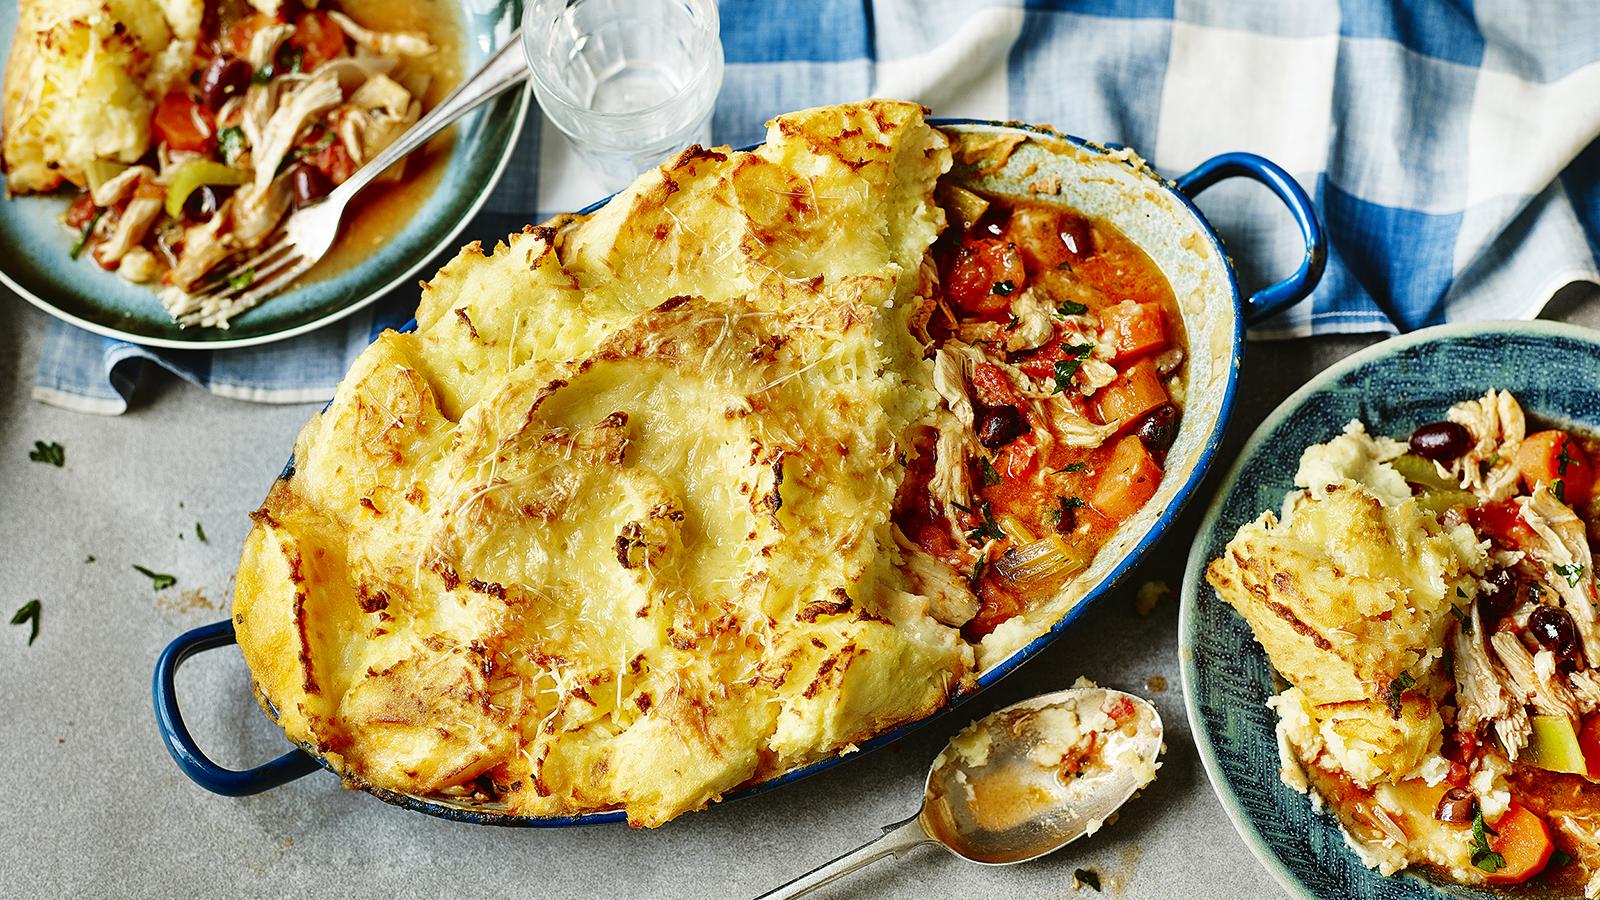 Chicken parmentier recipe bbc food forumfinder Gallery